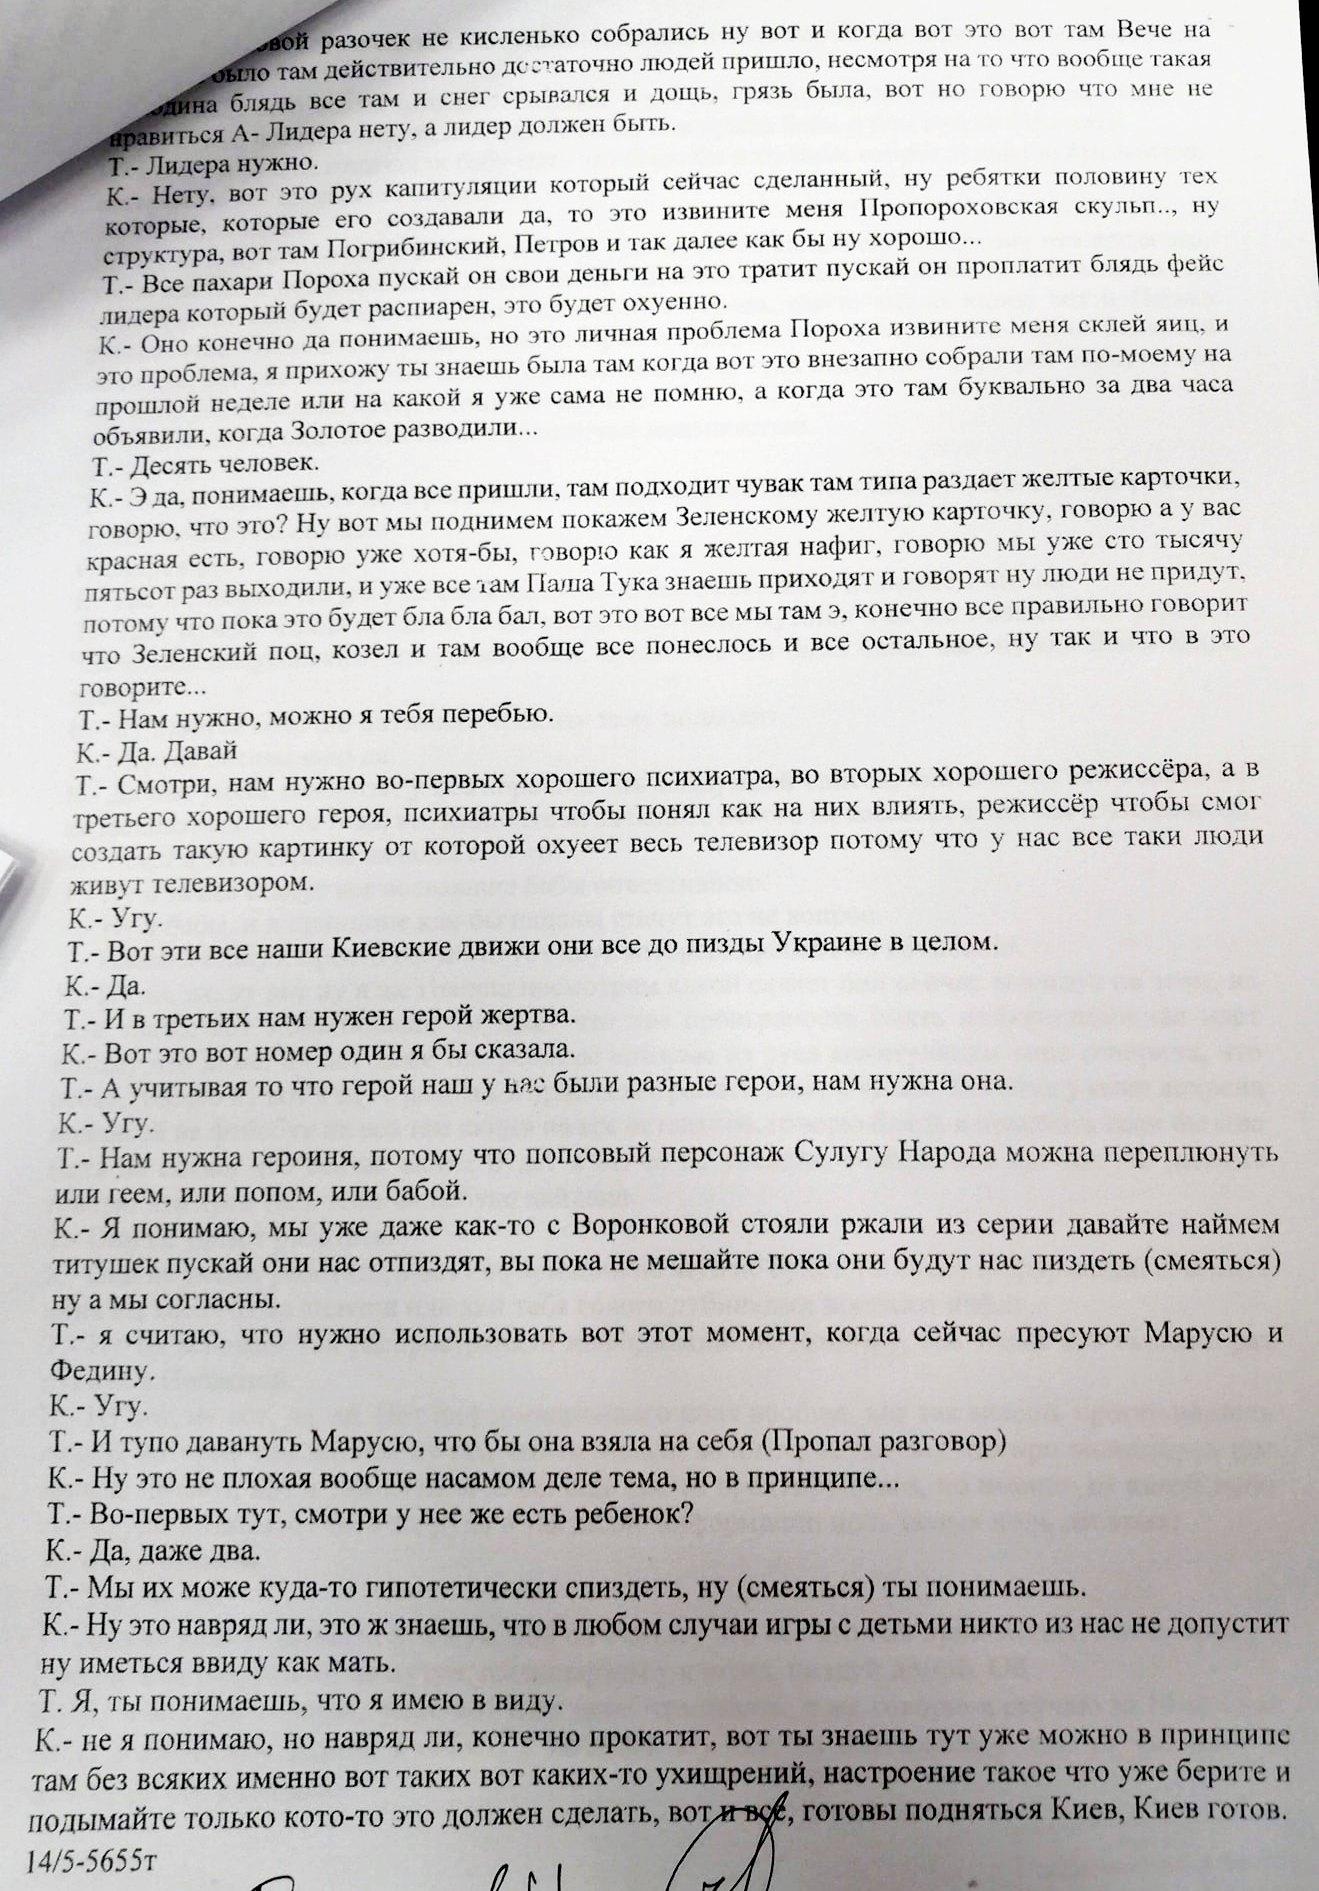 Появилась стенограмма скандальной беседы Кузьменко о Зверобой